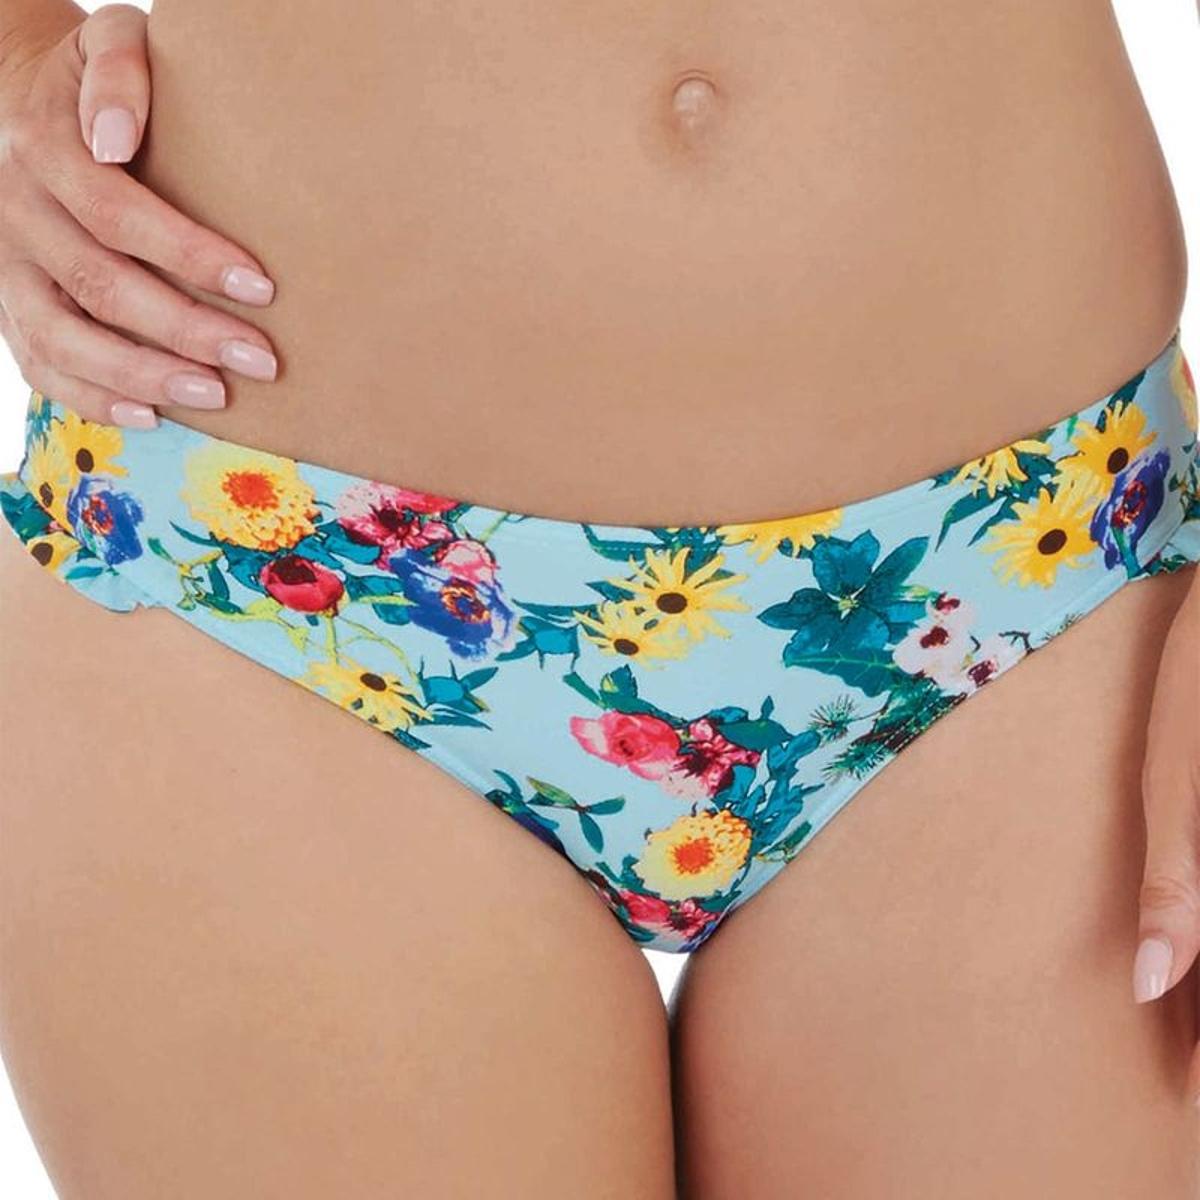 Slip de bain taille basse Audelle FLOWER POWER flower print S